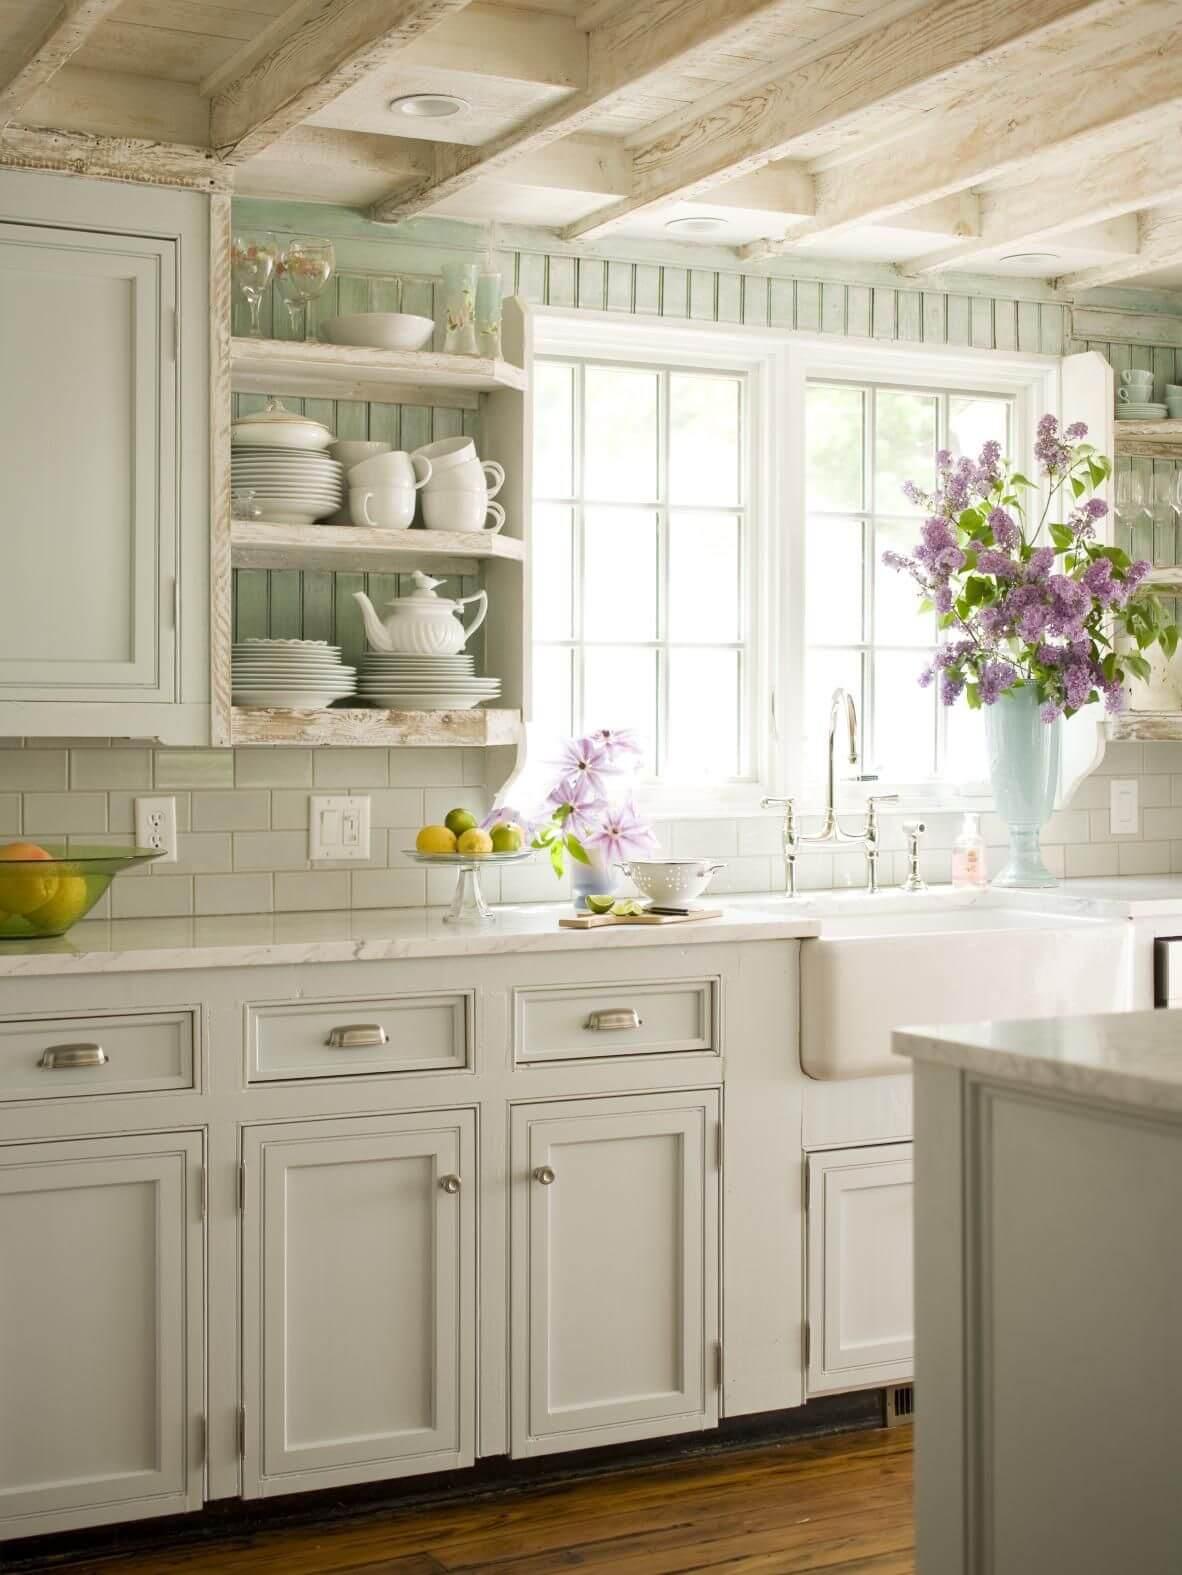 Cuisine style provençal blanche et verre menthe.